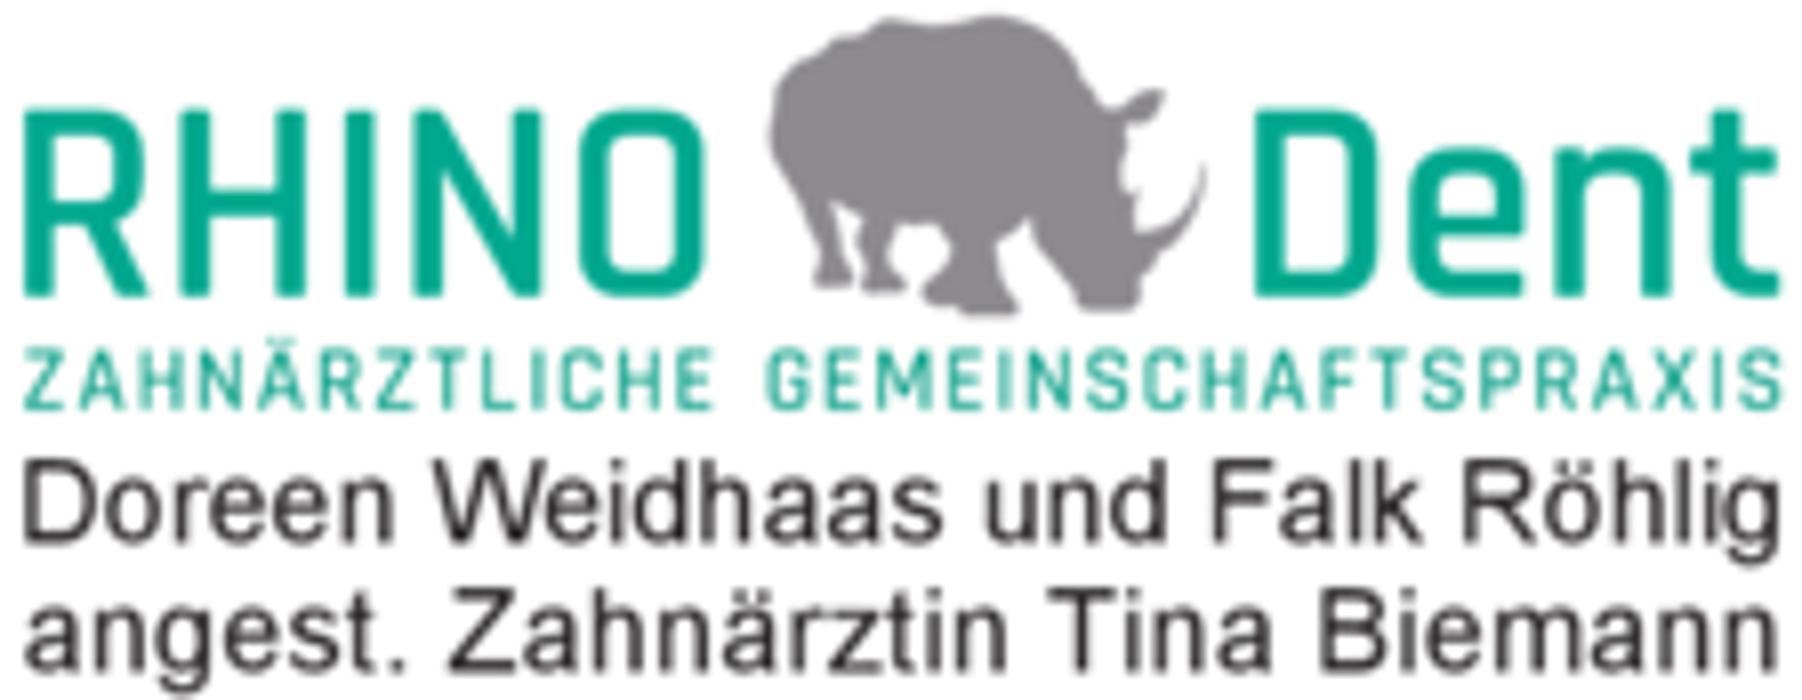 Bild zu RHINO-Dent Zahnärztliche Gemeinschaftspraxis in Gera